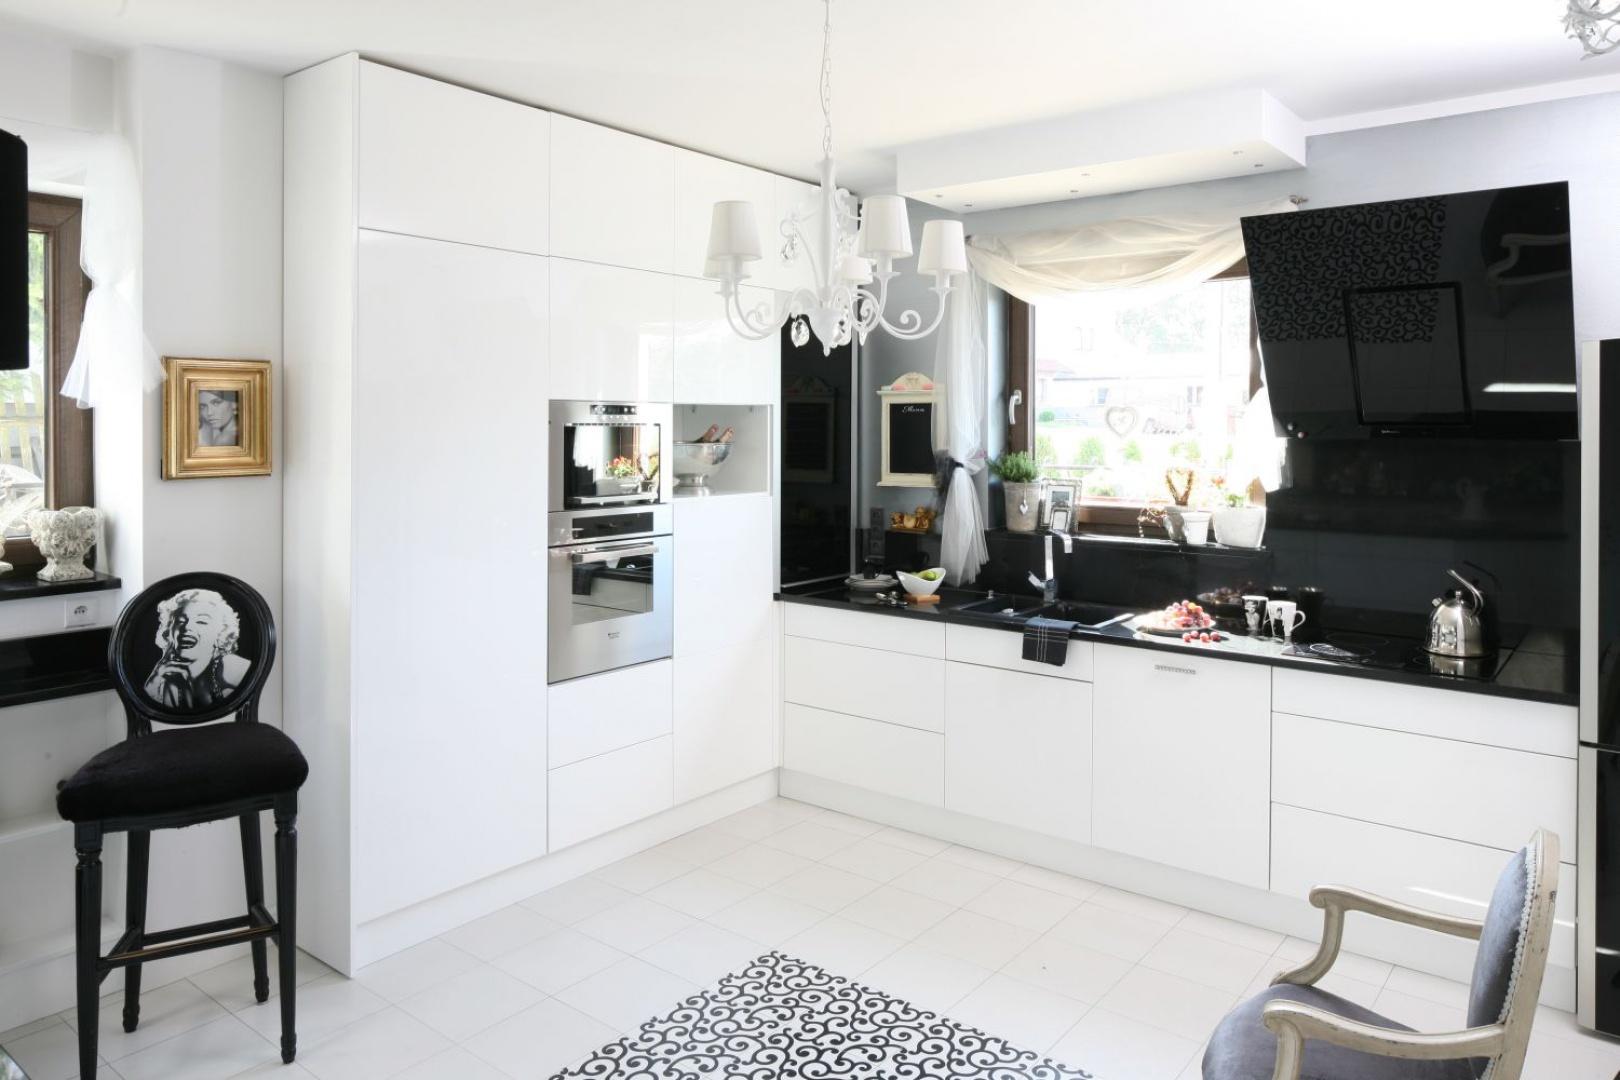 Białe fronty i korpusy Biała kuchnia z ciemnym blatem Tak urządzisz ją   -> Biala Kuchnia Czarny Blat